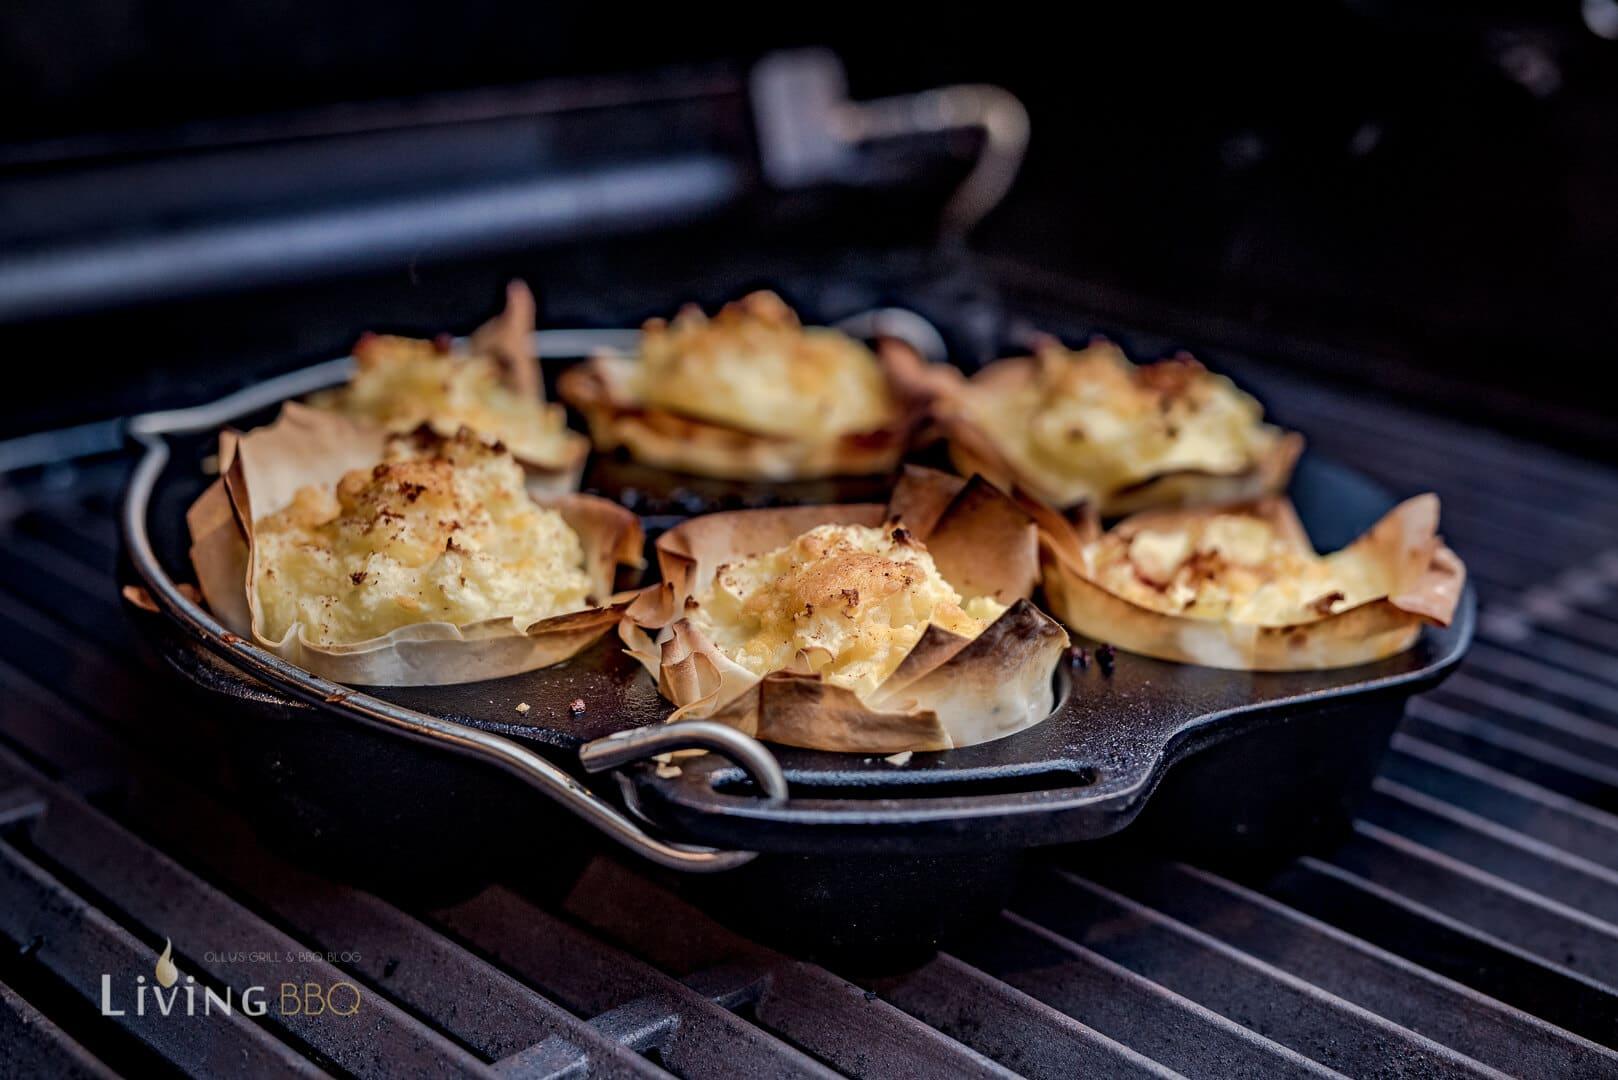 Muffinform aus Guss im Gasgrill